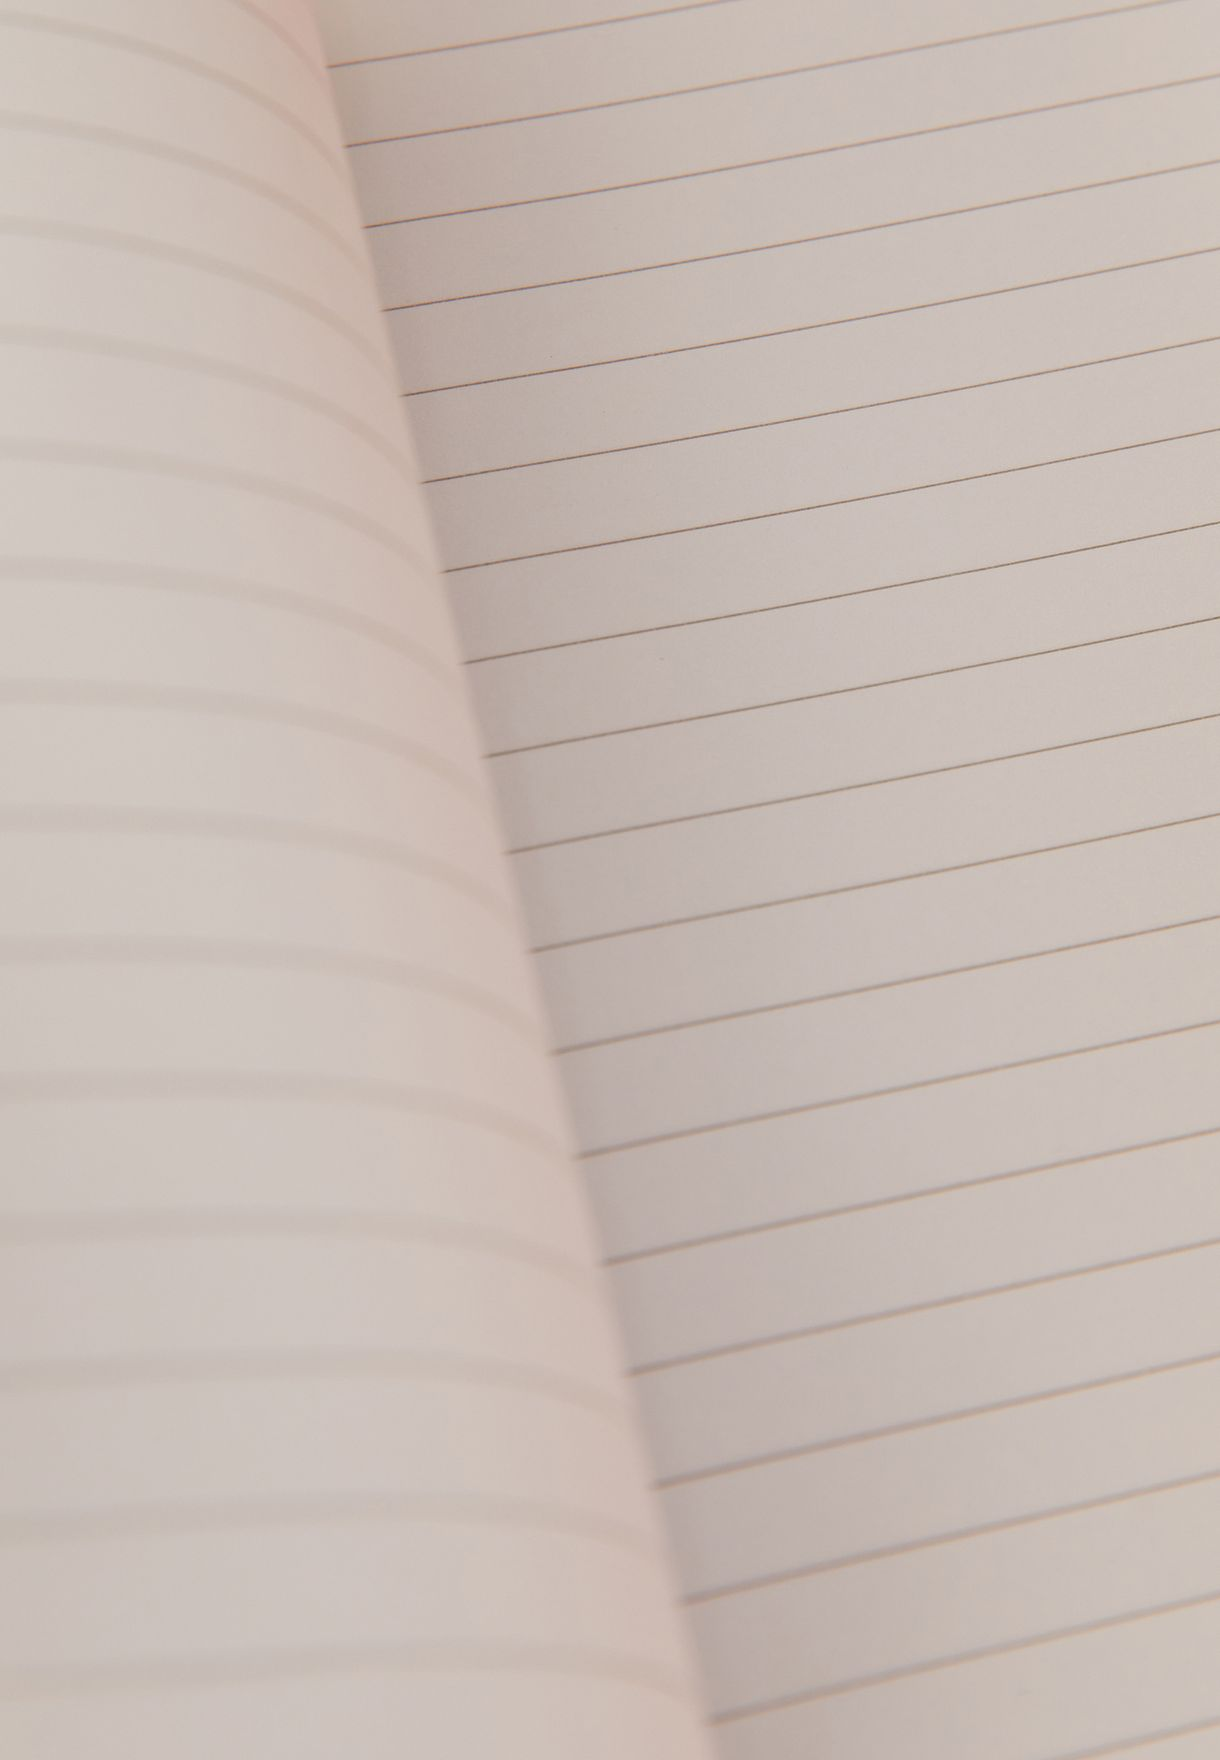 دفتر ملاحظات A5 بطبعات ازهار